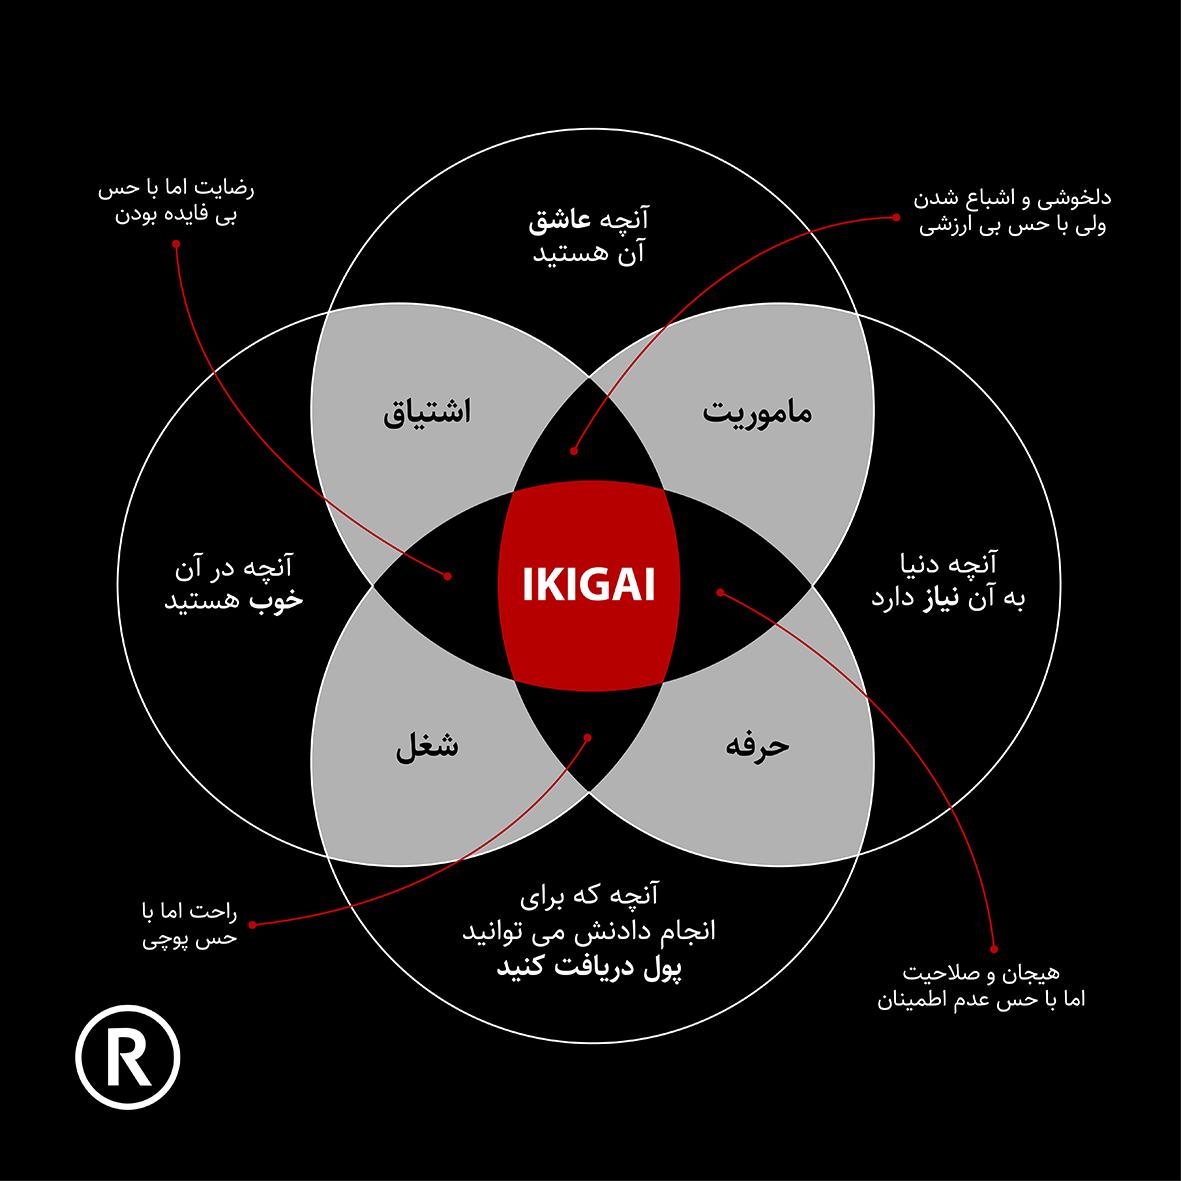 مدل ایکیگا در برند شخصی